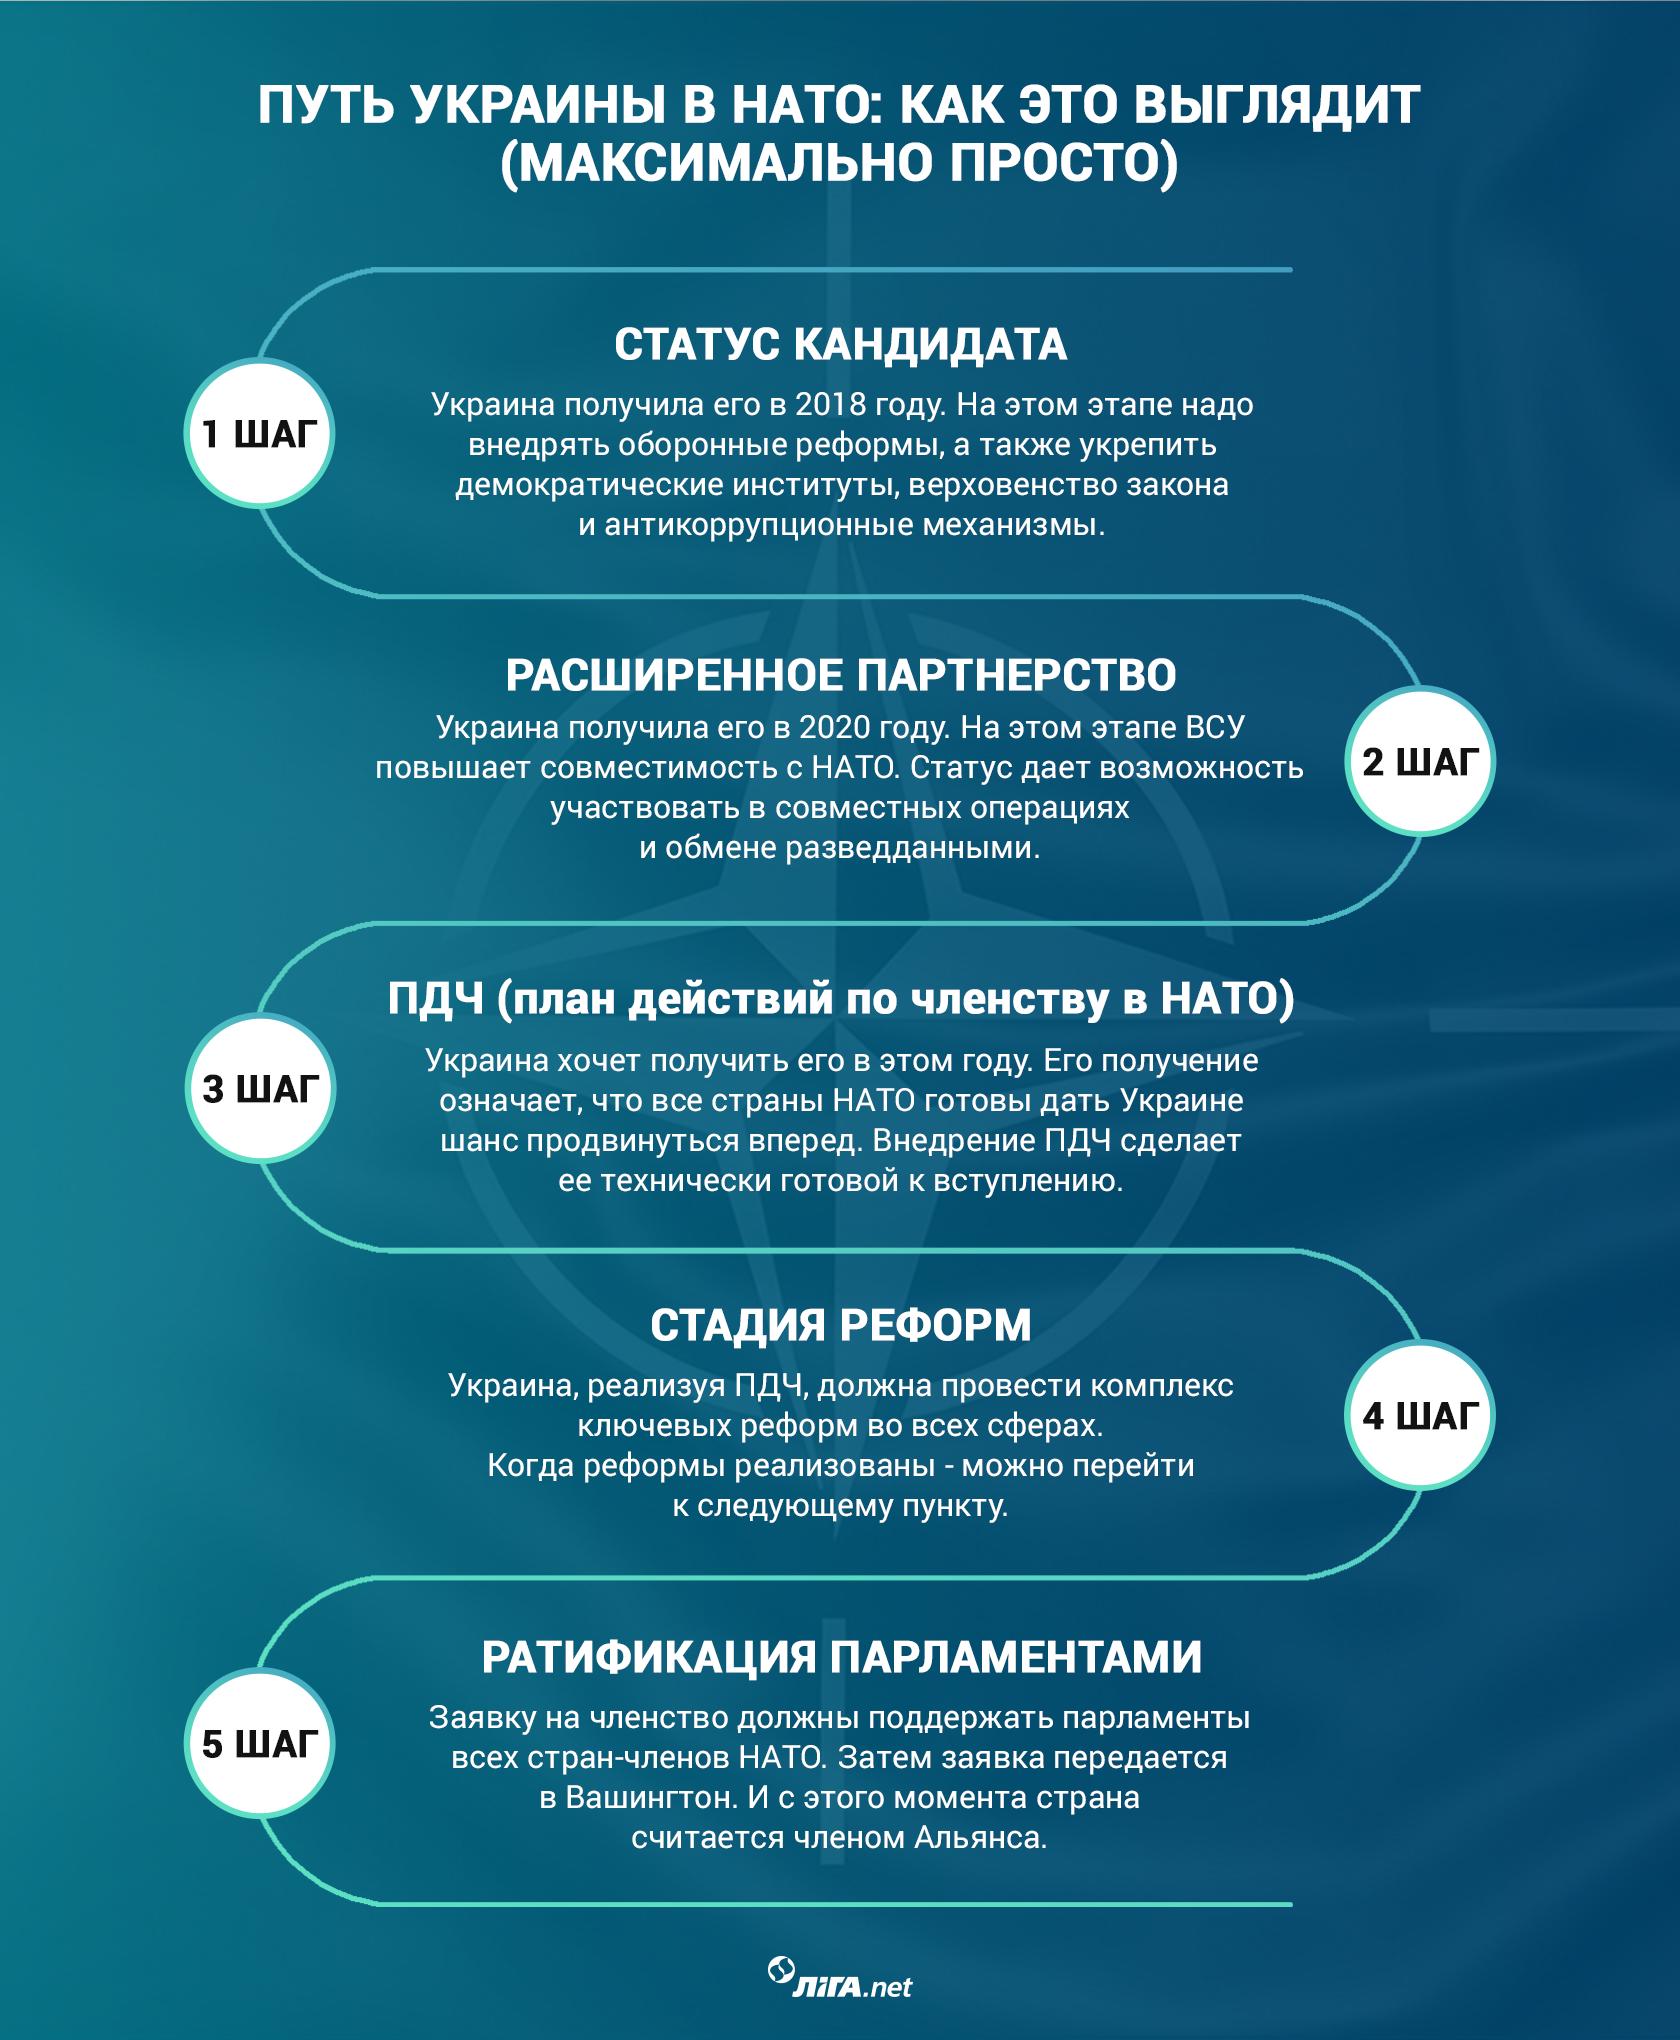 Путь Украины в НАТО. Что еще надо и где мы сейчас – максимально просто